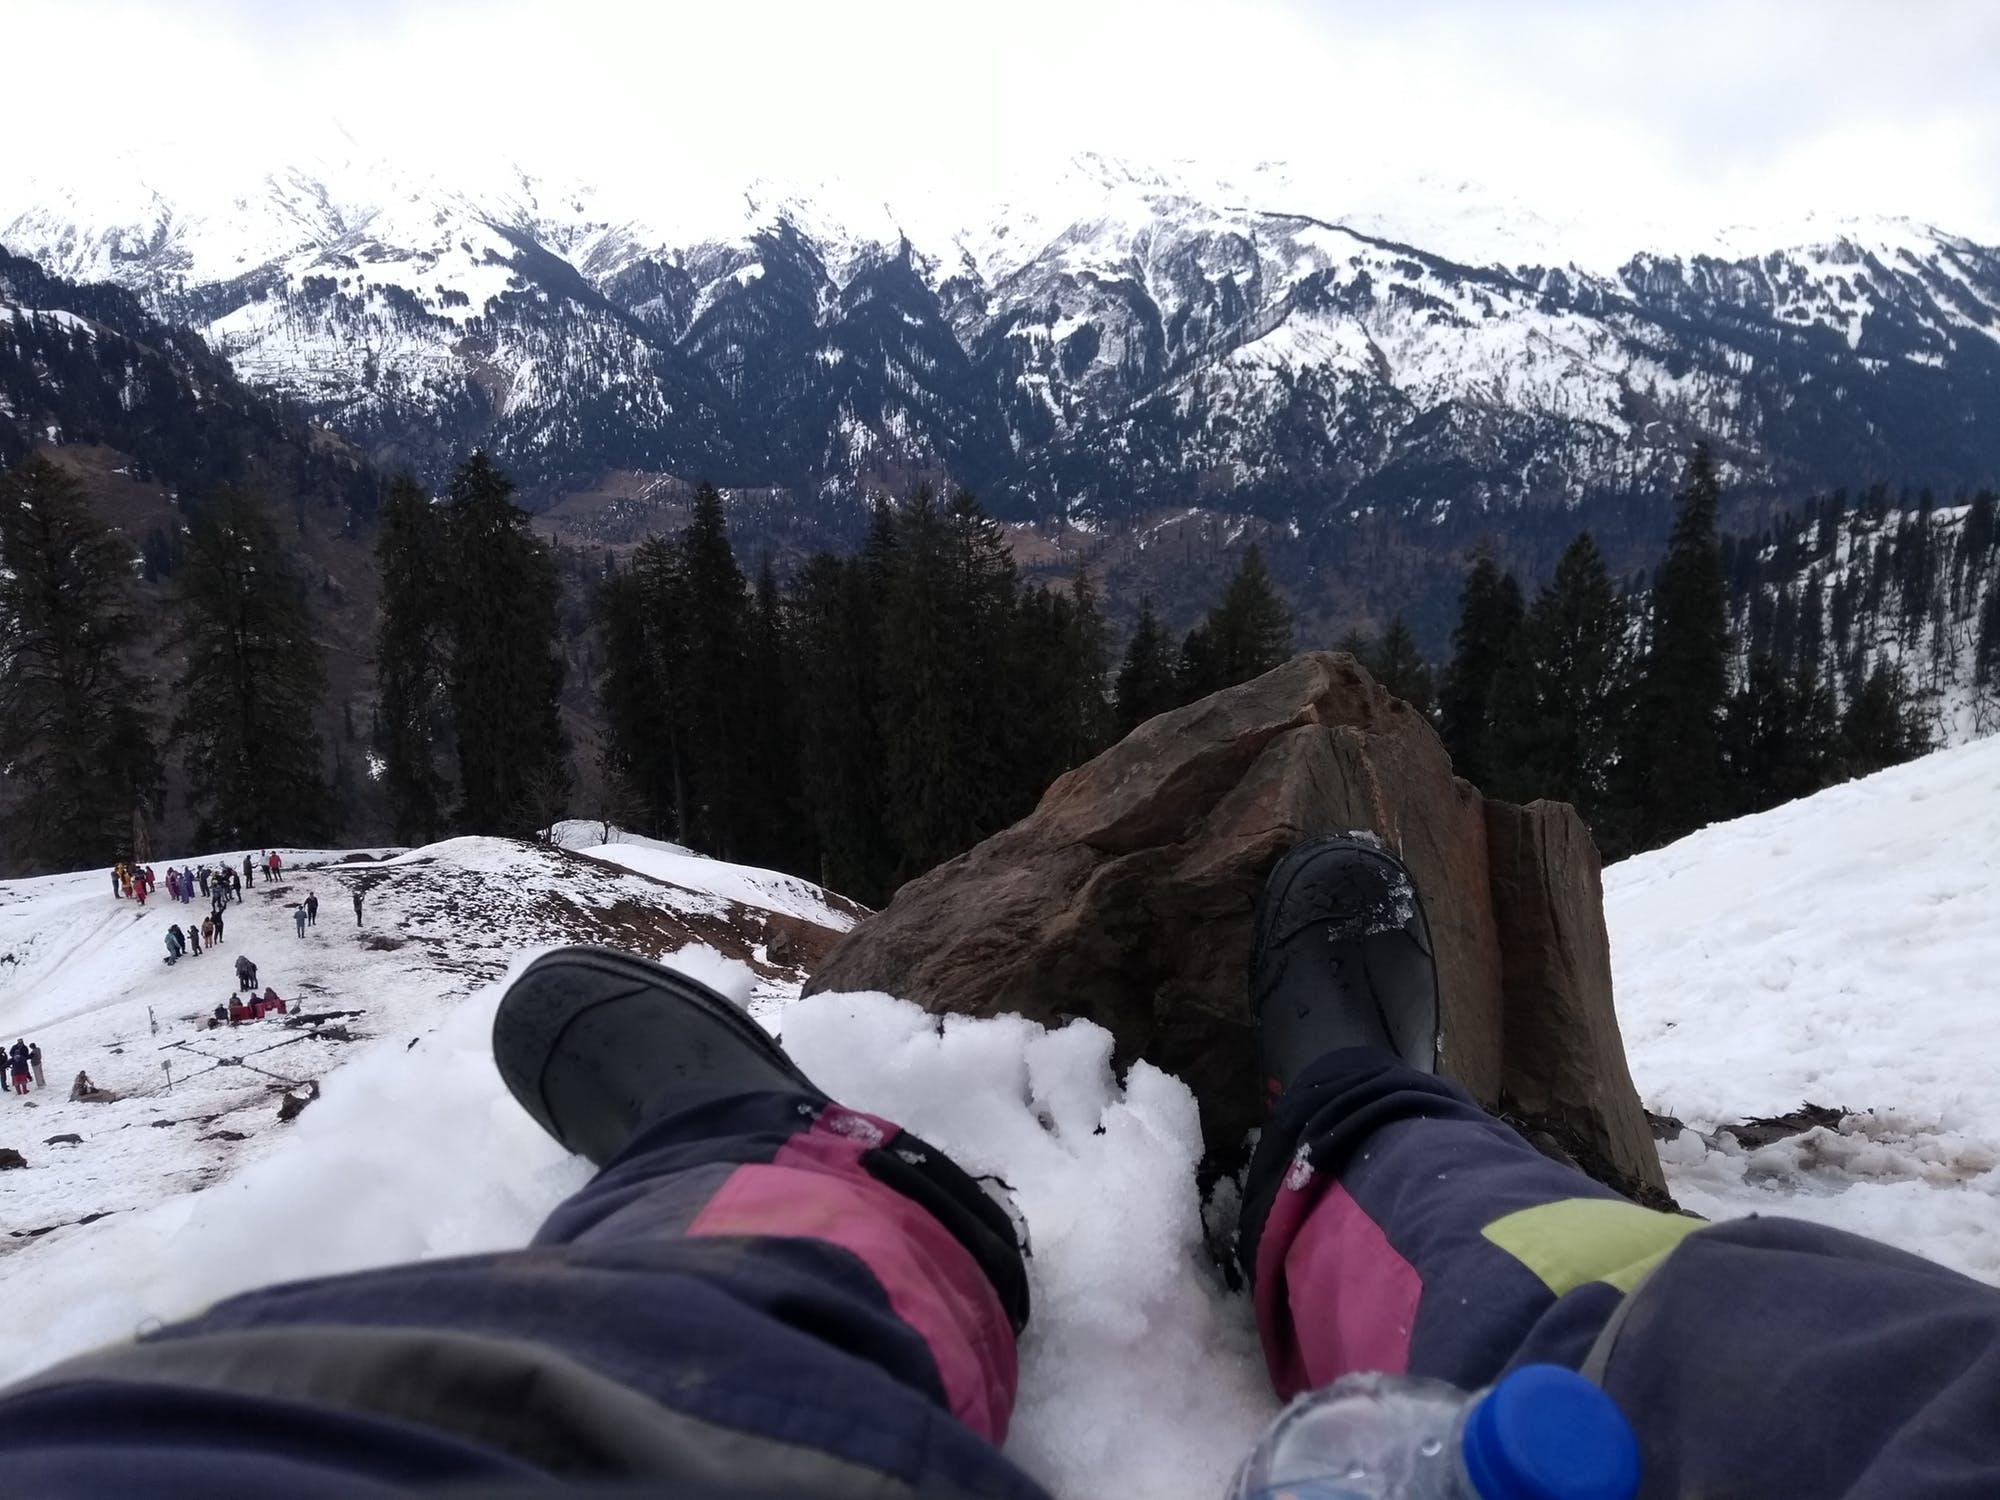 कुल्लू घाटी के प्रमुख पर्यटक स्थल मनाली में आकर हर कोई अपने आपको स्वर्ग में पाता है. पहाड़ों और देवदार के पेड़ प्राकृतिक सौंदर्य पर्यटकों को काफी लुभाती है. मनाली को रंगबिरंगे फूलों की घाटी भी कहा जाता है. बर्फ गिरने के कारण दिसंबर के महीने में यहां हरियाली दूर-दूर तक देखने को नहीं मिलती हैं.